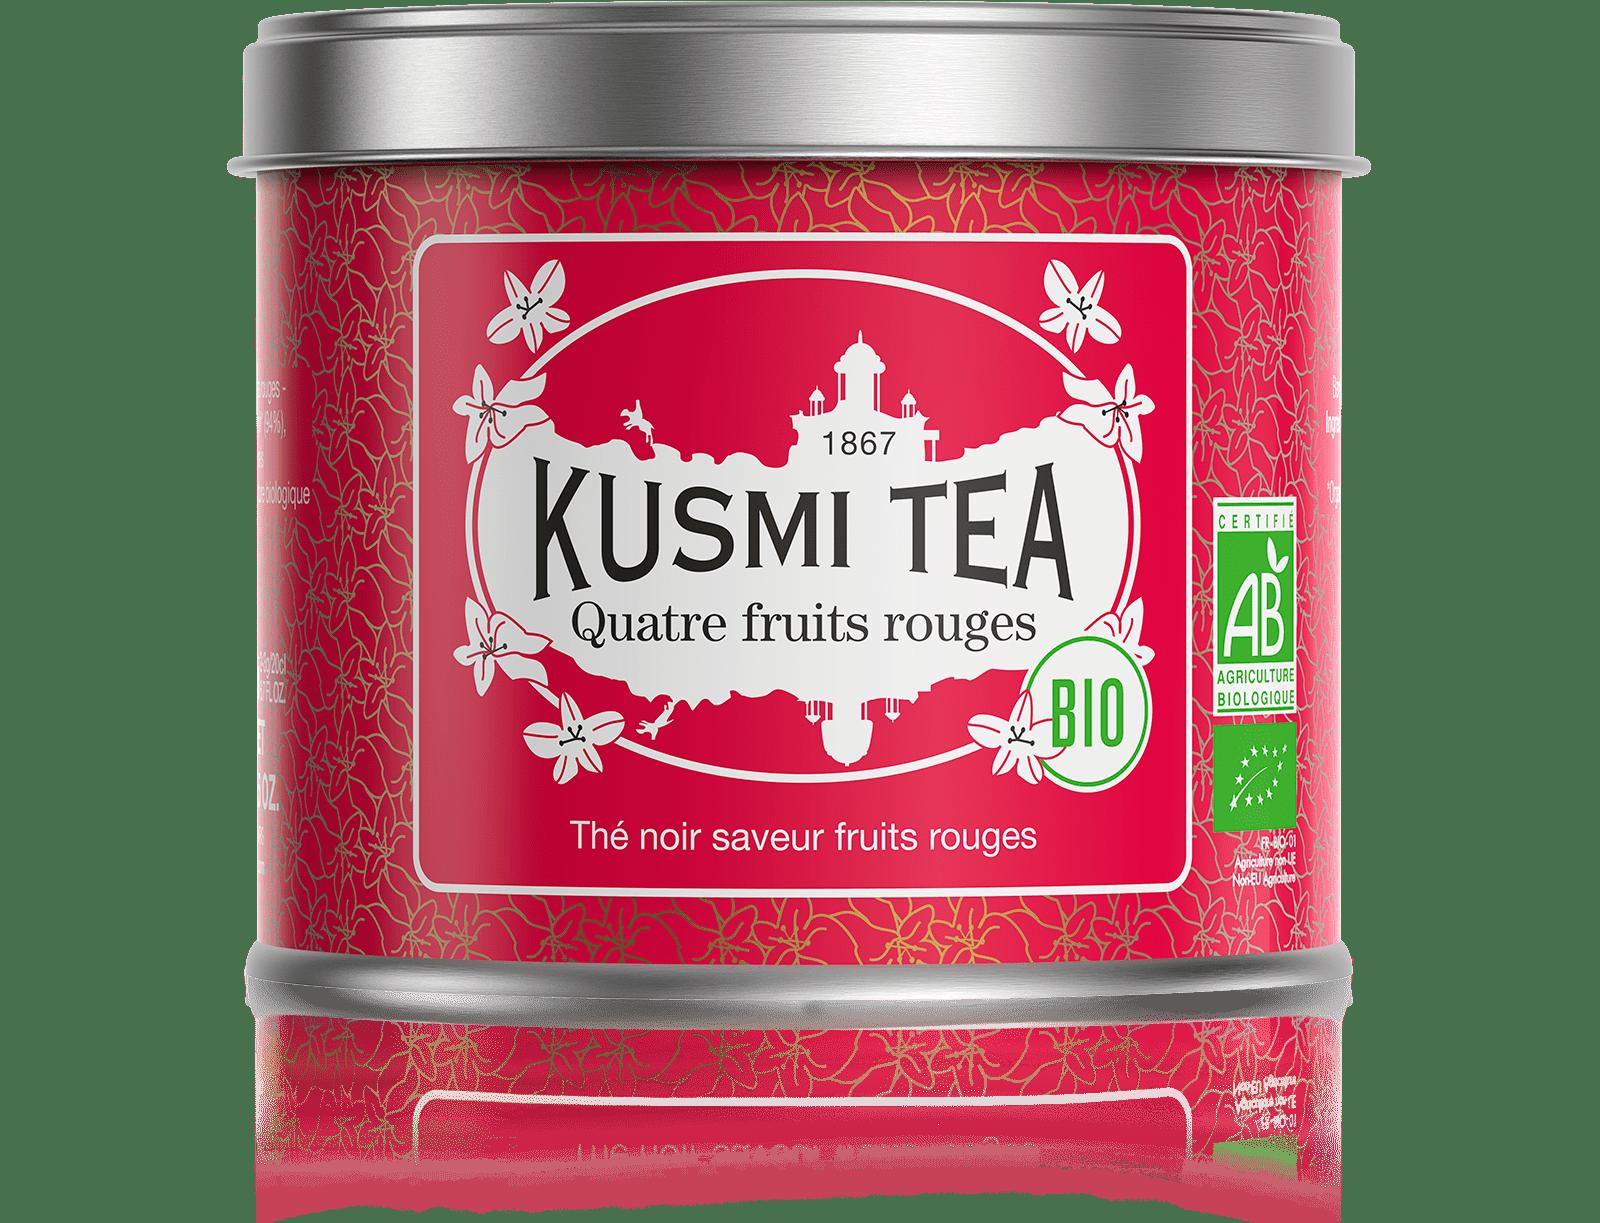 Thé noir - Quatre Fruits Rouges bio - Vrac - Kusmi Tea